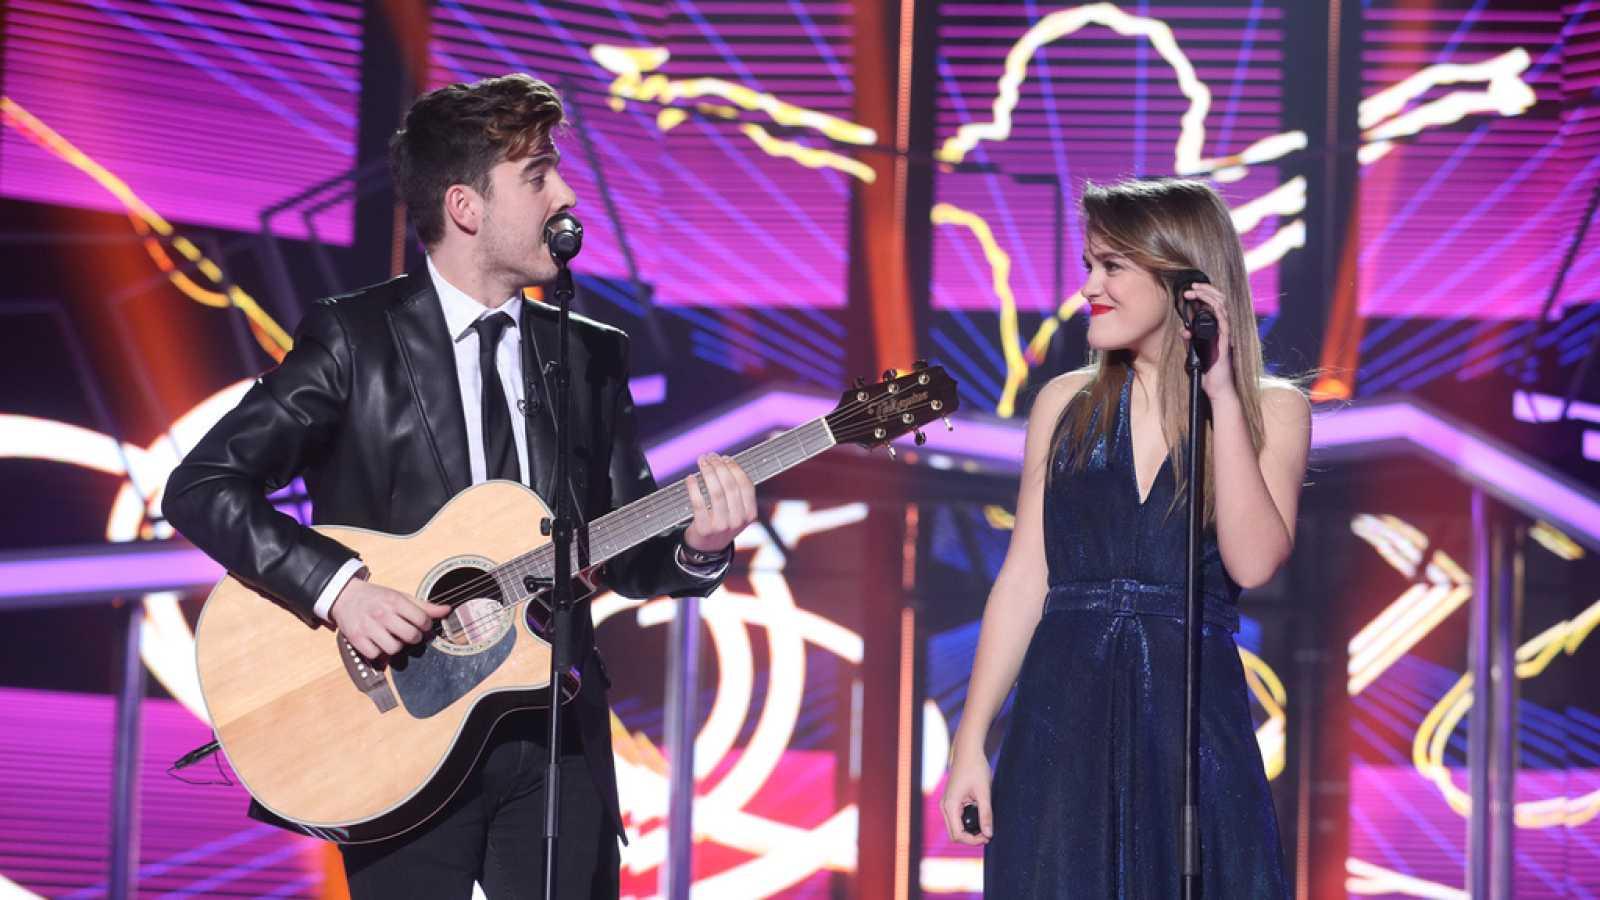 2f473c3518 Para todos los públicos Operación Triunfo - Amaia y Roi cantan  Shape of you   en la Gala Fiesta reproducir video